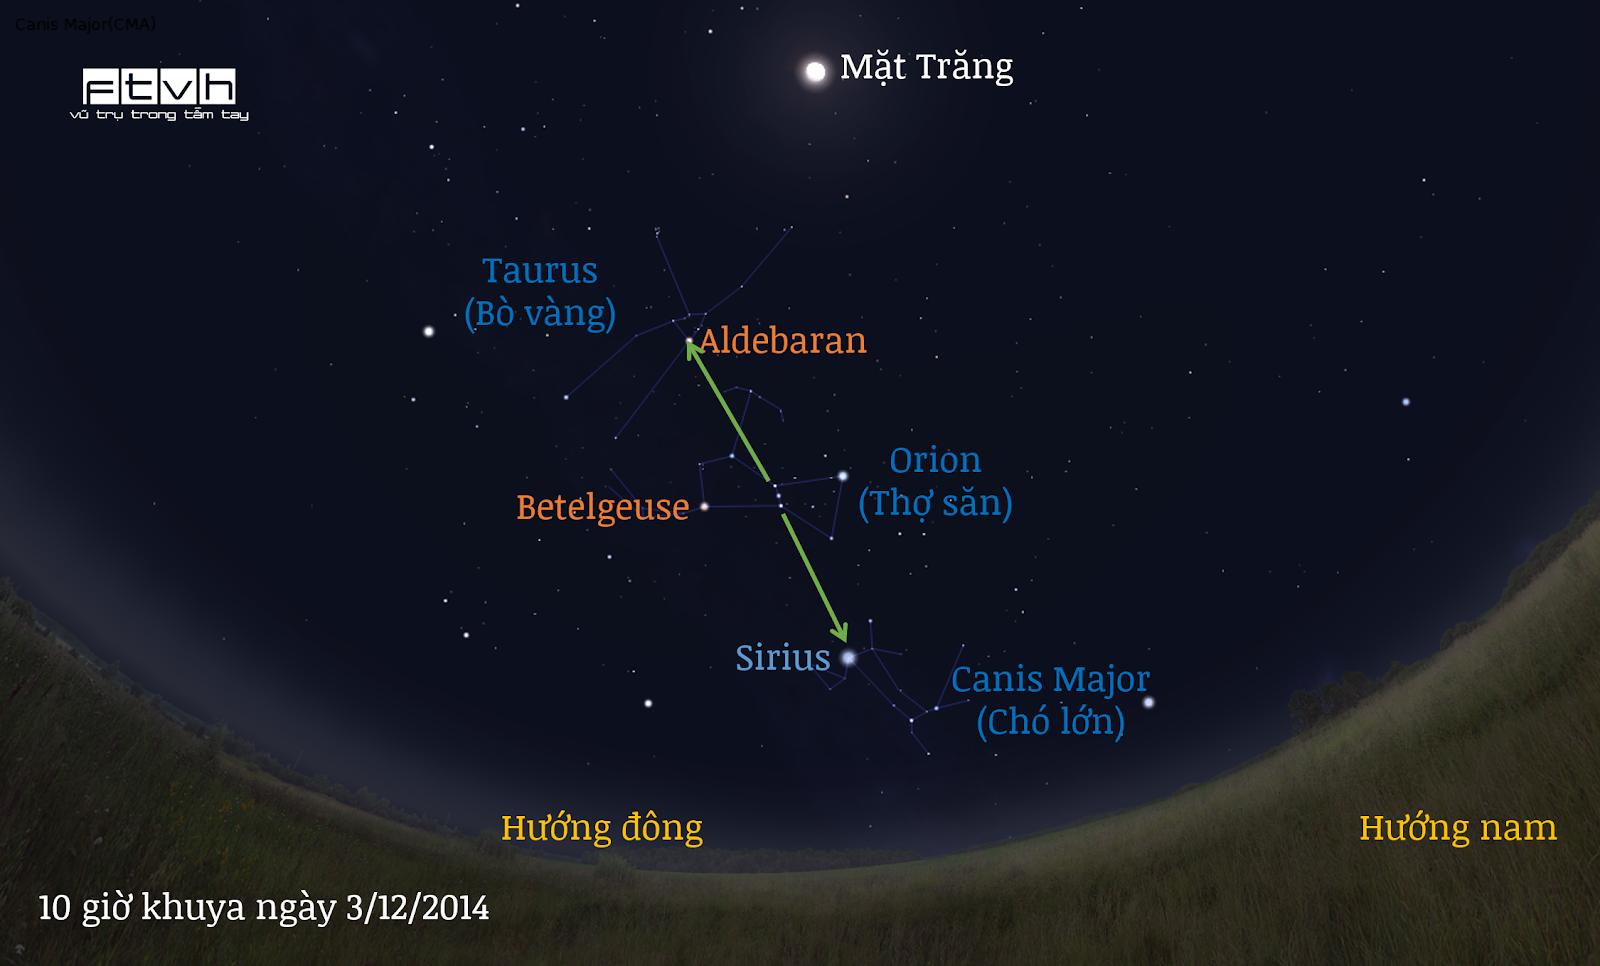 Minh họa bầu trời hướng đông vào 10 giờ khuya ngày 3/12/2014.